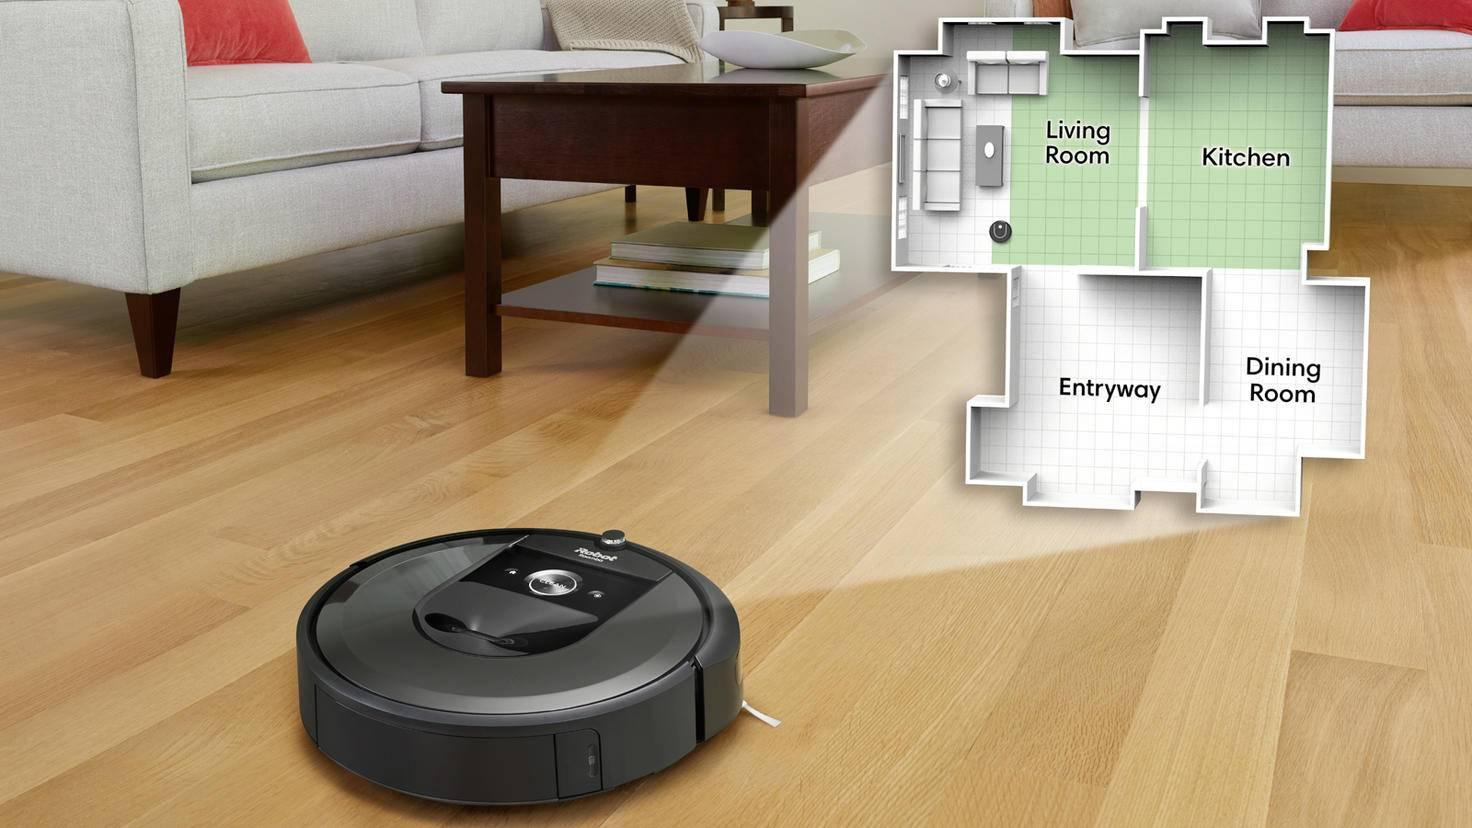 Staubsaugerroboter Roomba i7 Smart Map Funktion iRobot